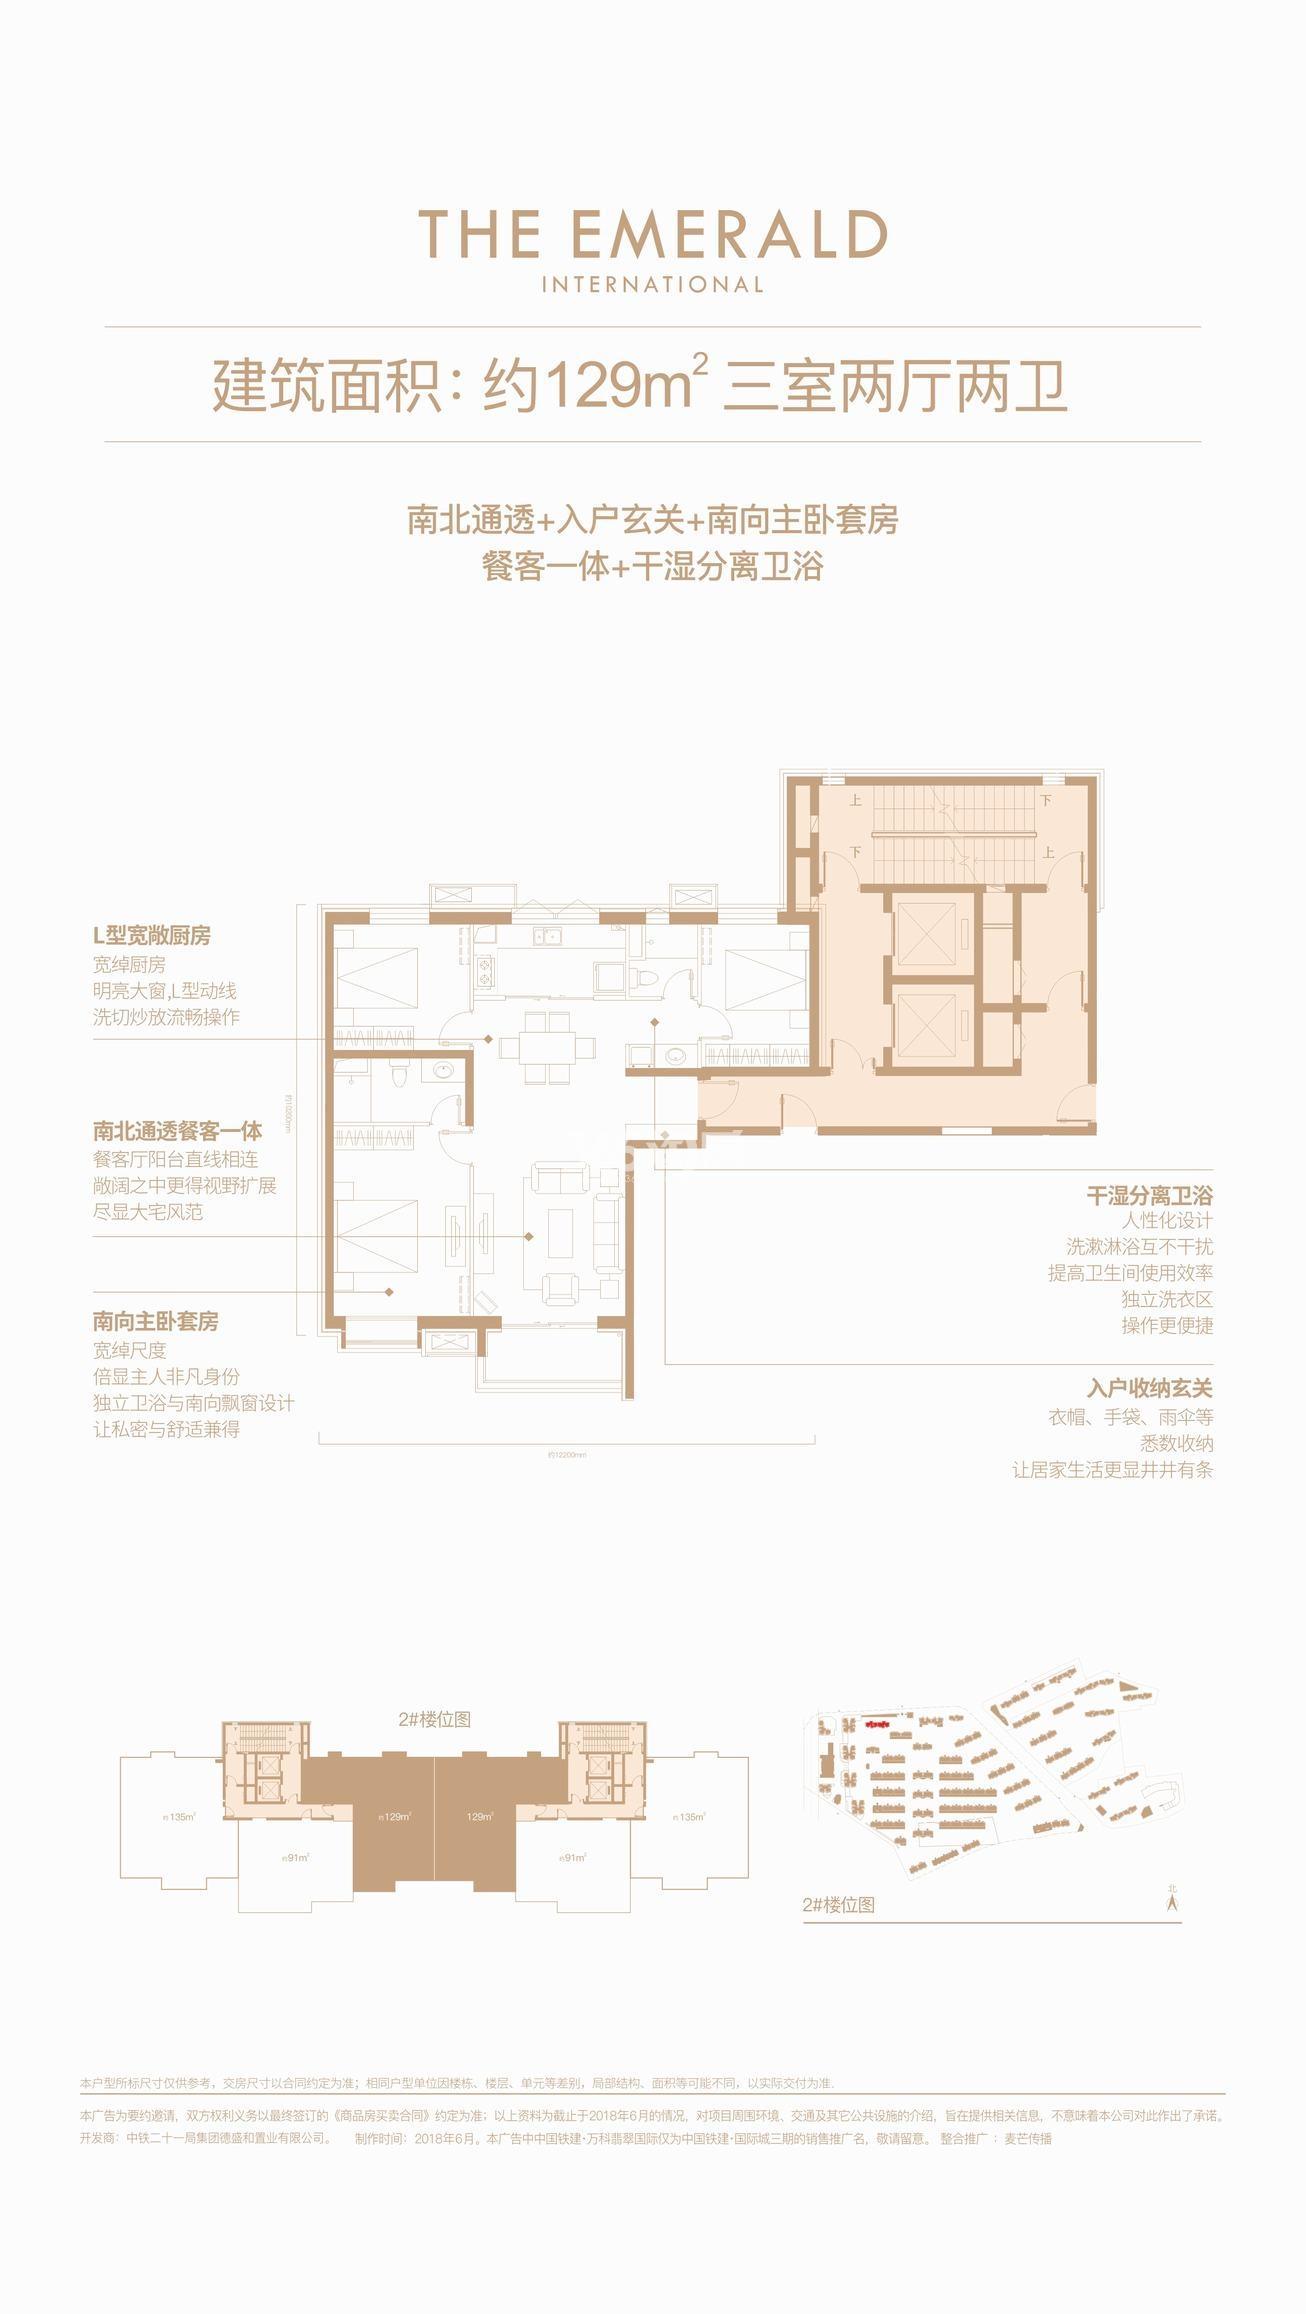 中国铁建万科翡翠国际129㎡三室两厅两卫户型户型图